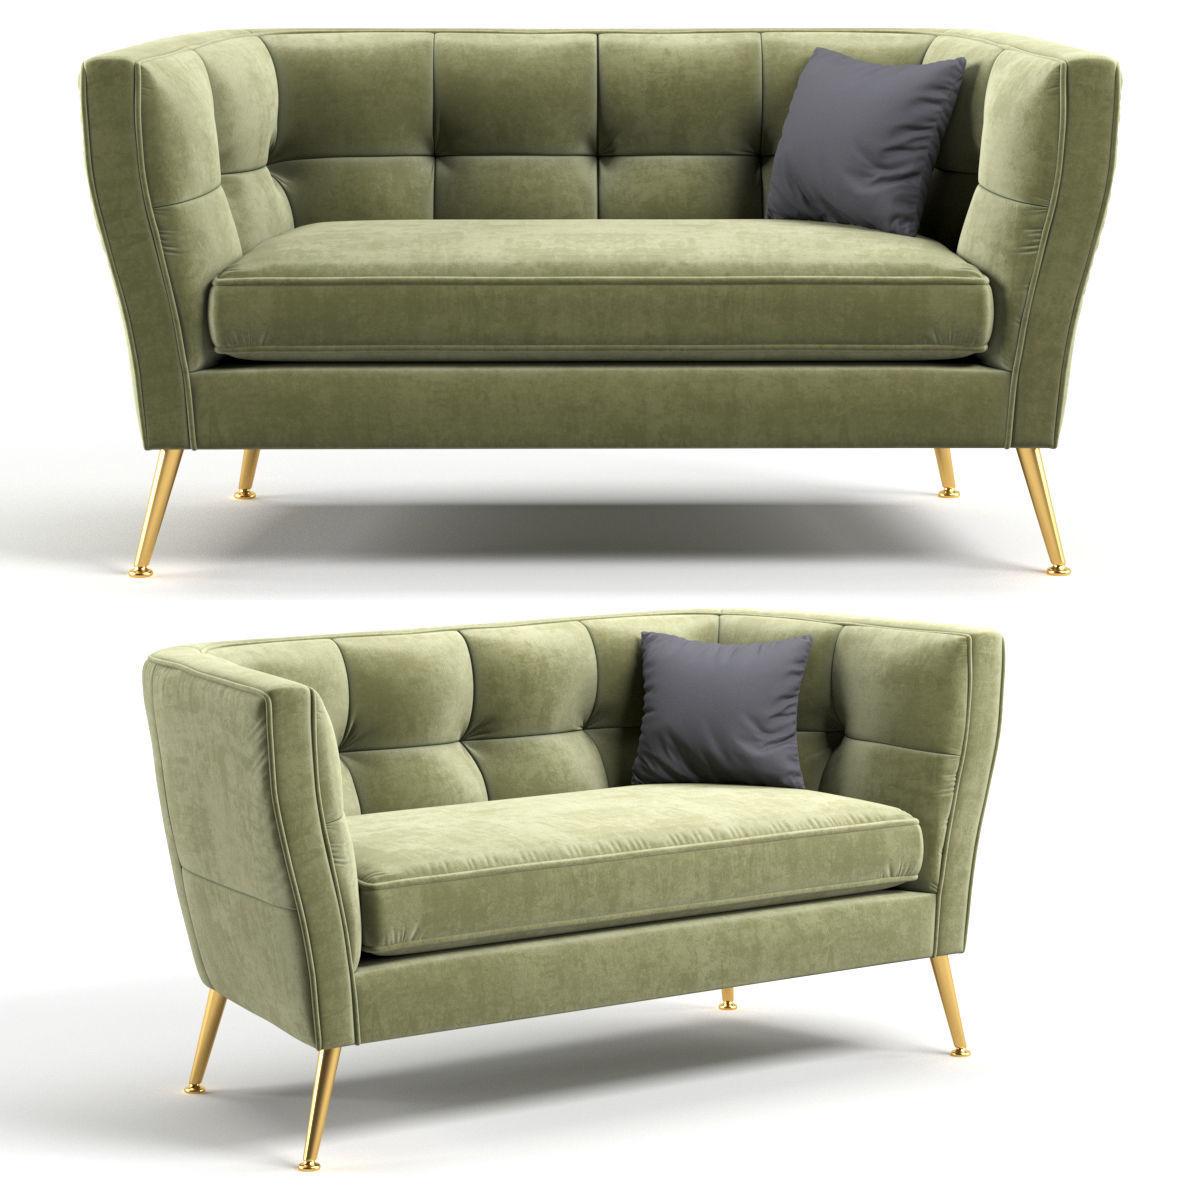 Full Size of Kare Sofa Infinity Furniture Sales Bed Design Proud Leder Dschinn List Couch Gianni Samt Sale Mit Recamiere Für Esstisch Ikea Schlaffunktion Arten Xxxl Sofa Kare Sofa